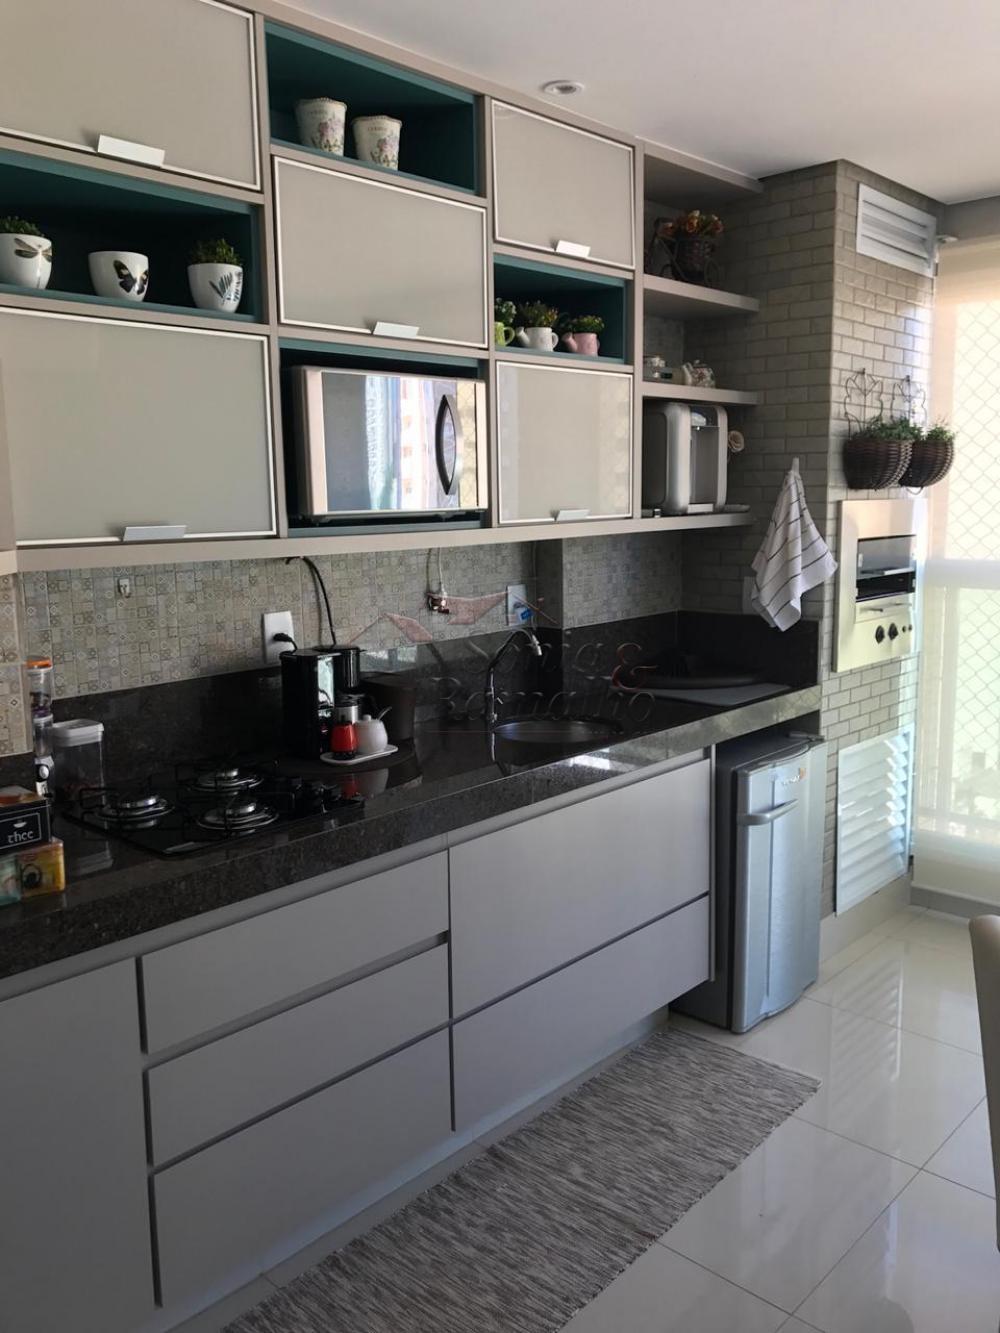 Comprar Apartamentos / Padrão em Ribeirão Preto apenas R$ 615.000,00 - Foto 5